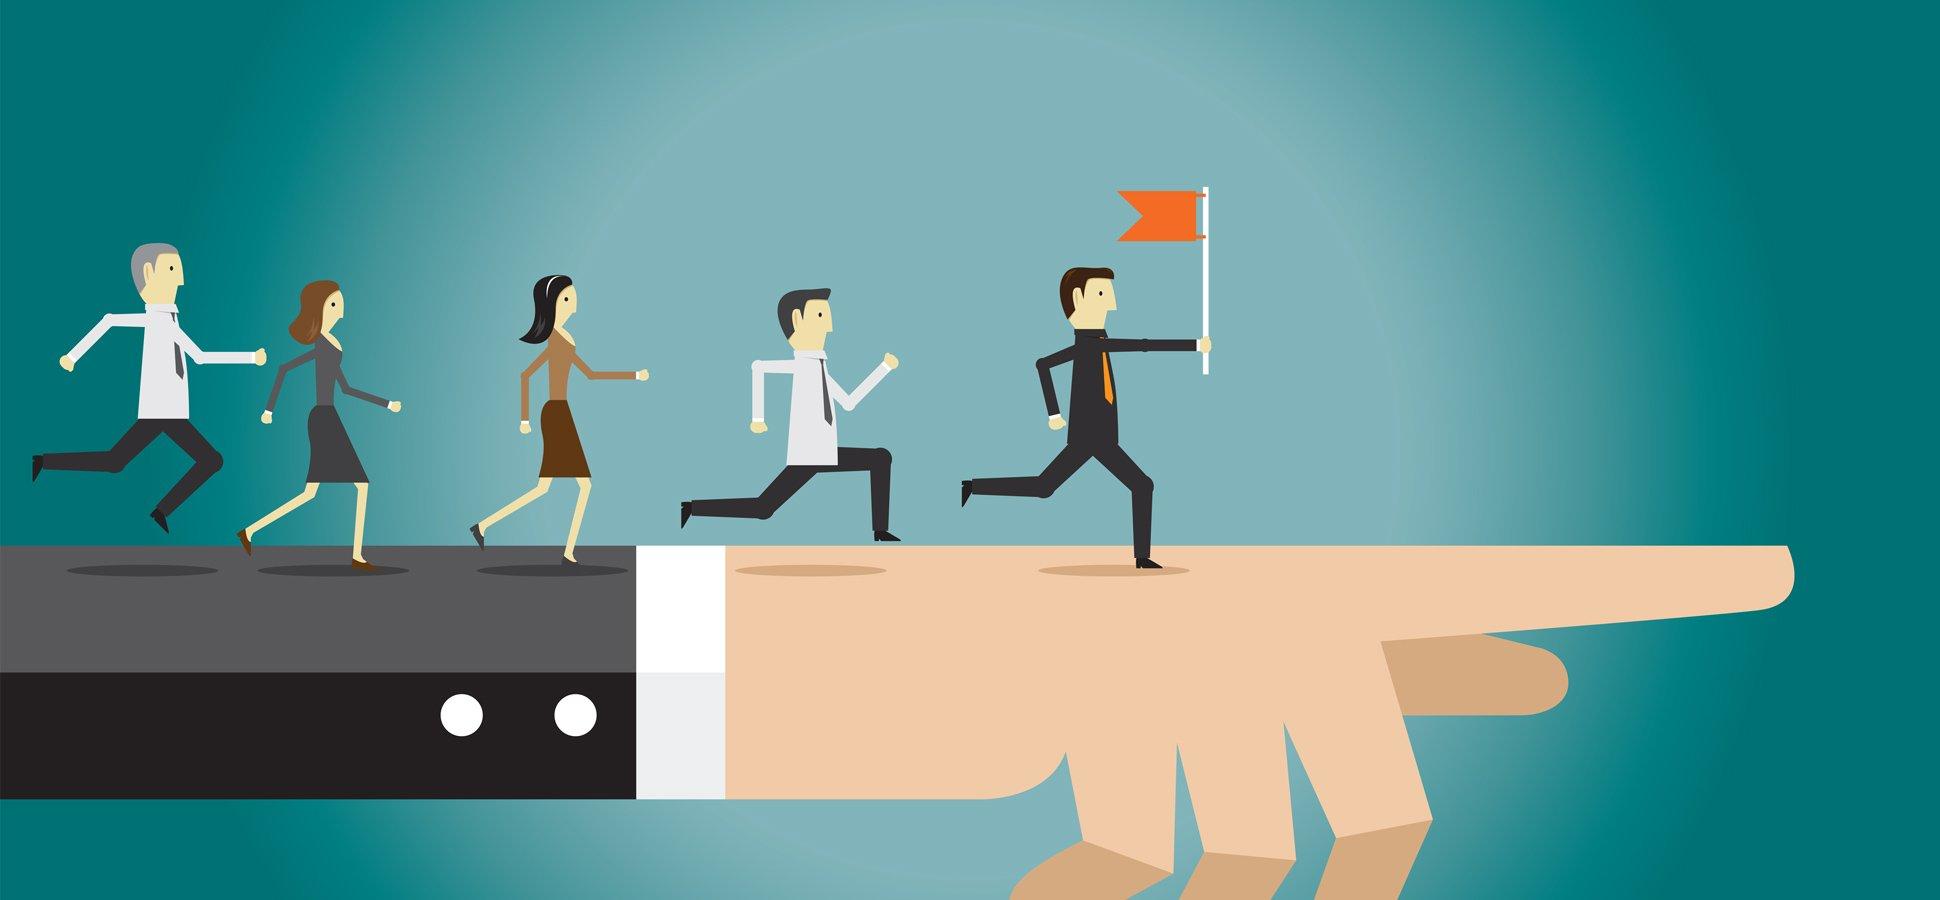 Come diventare un leader e migliorare la leadership 1